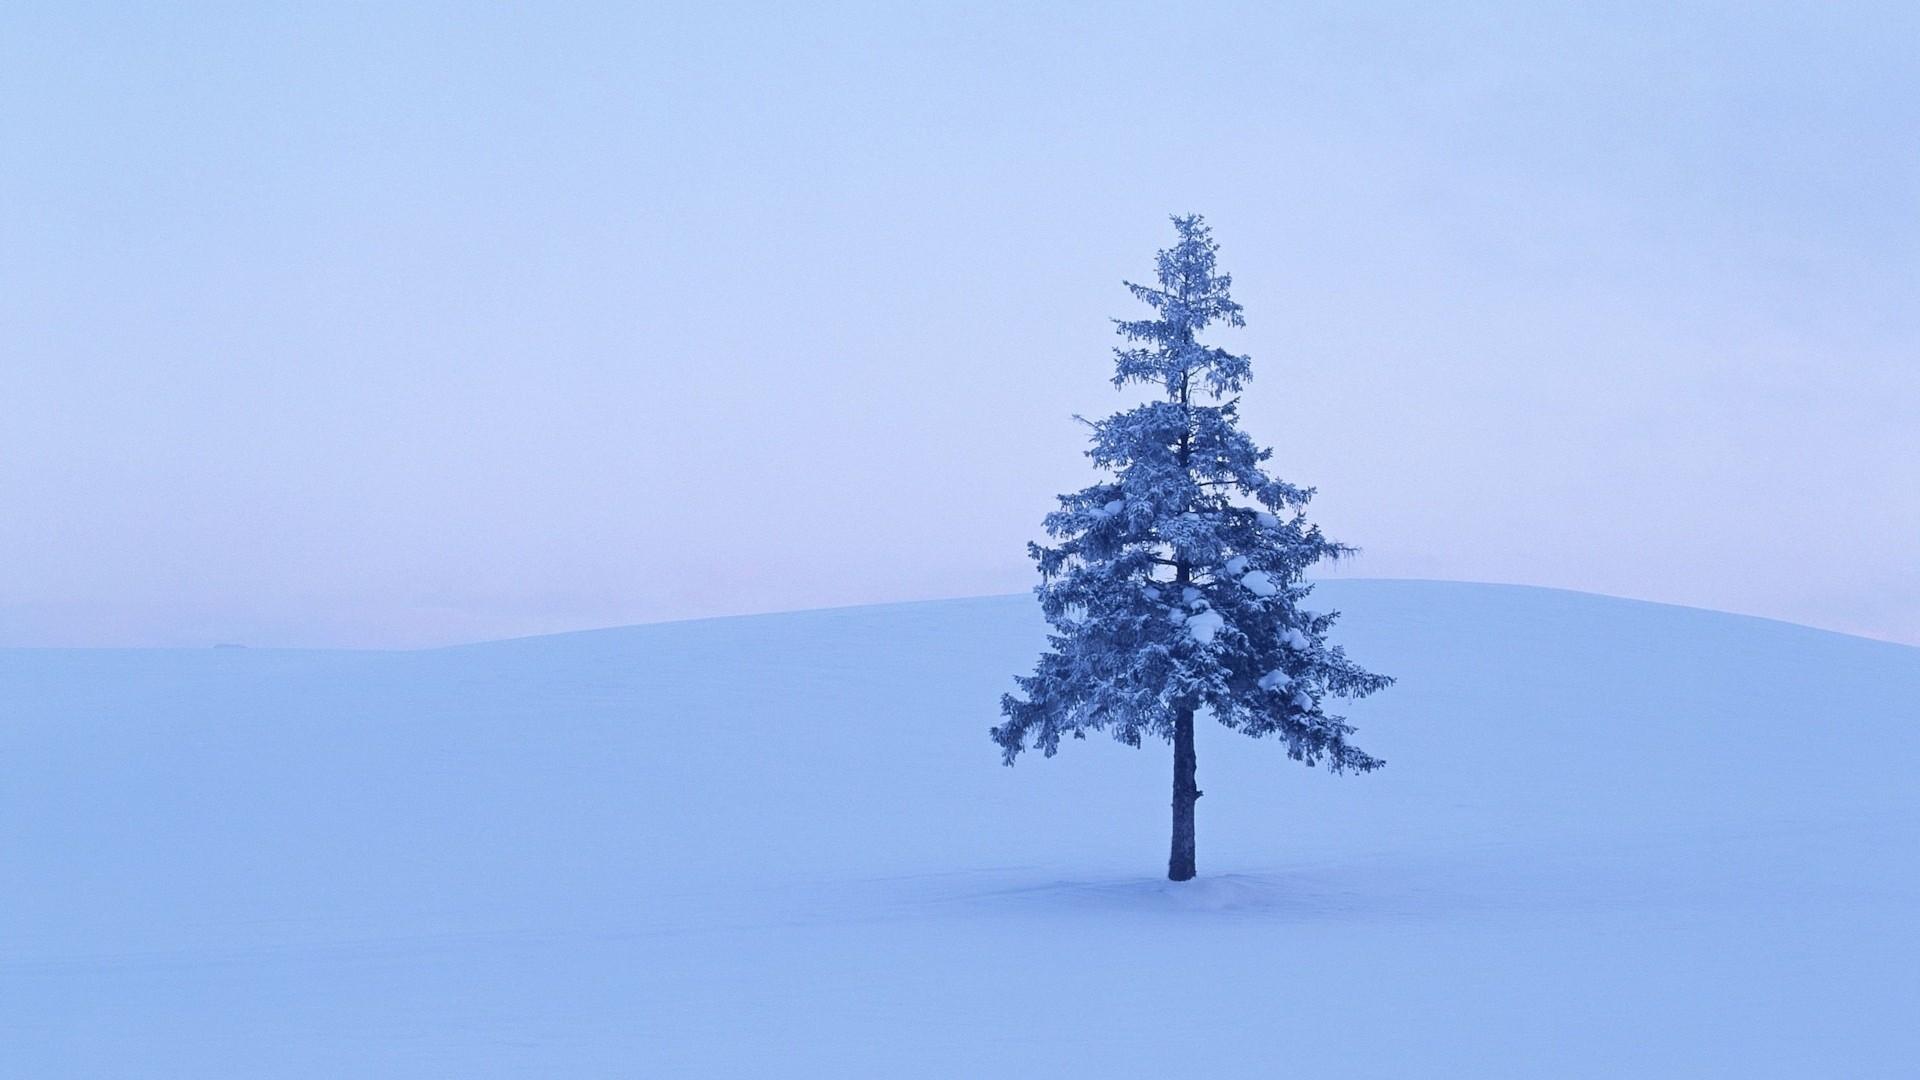 Lonely Trees Minimalist desktop wallpaper hd